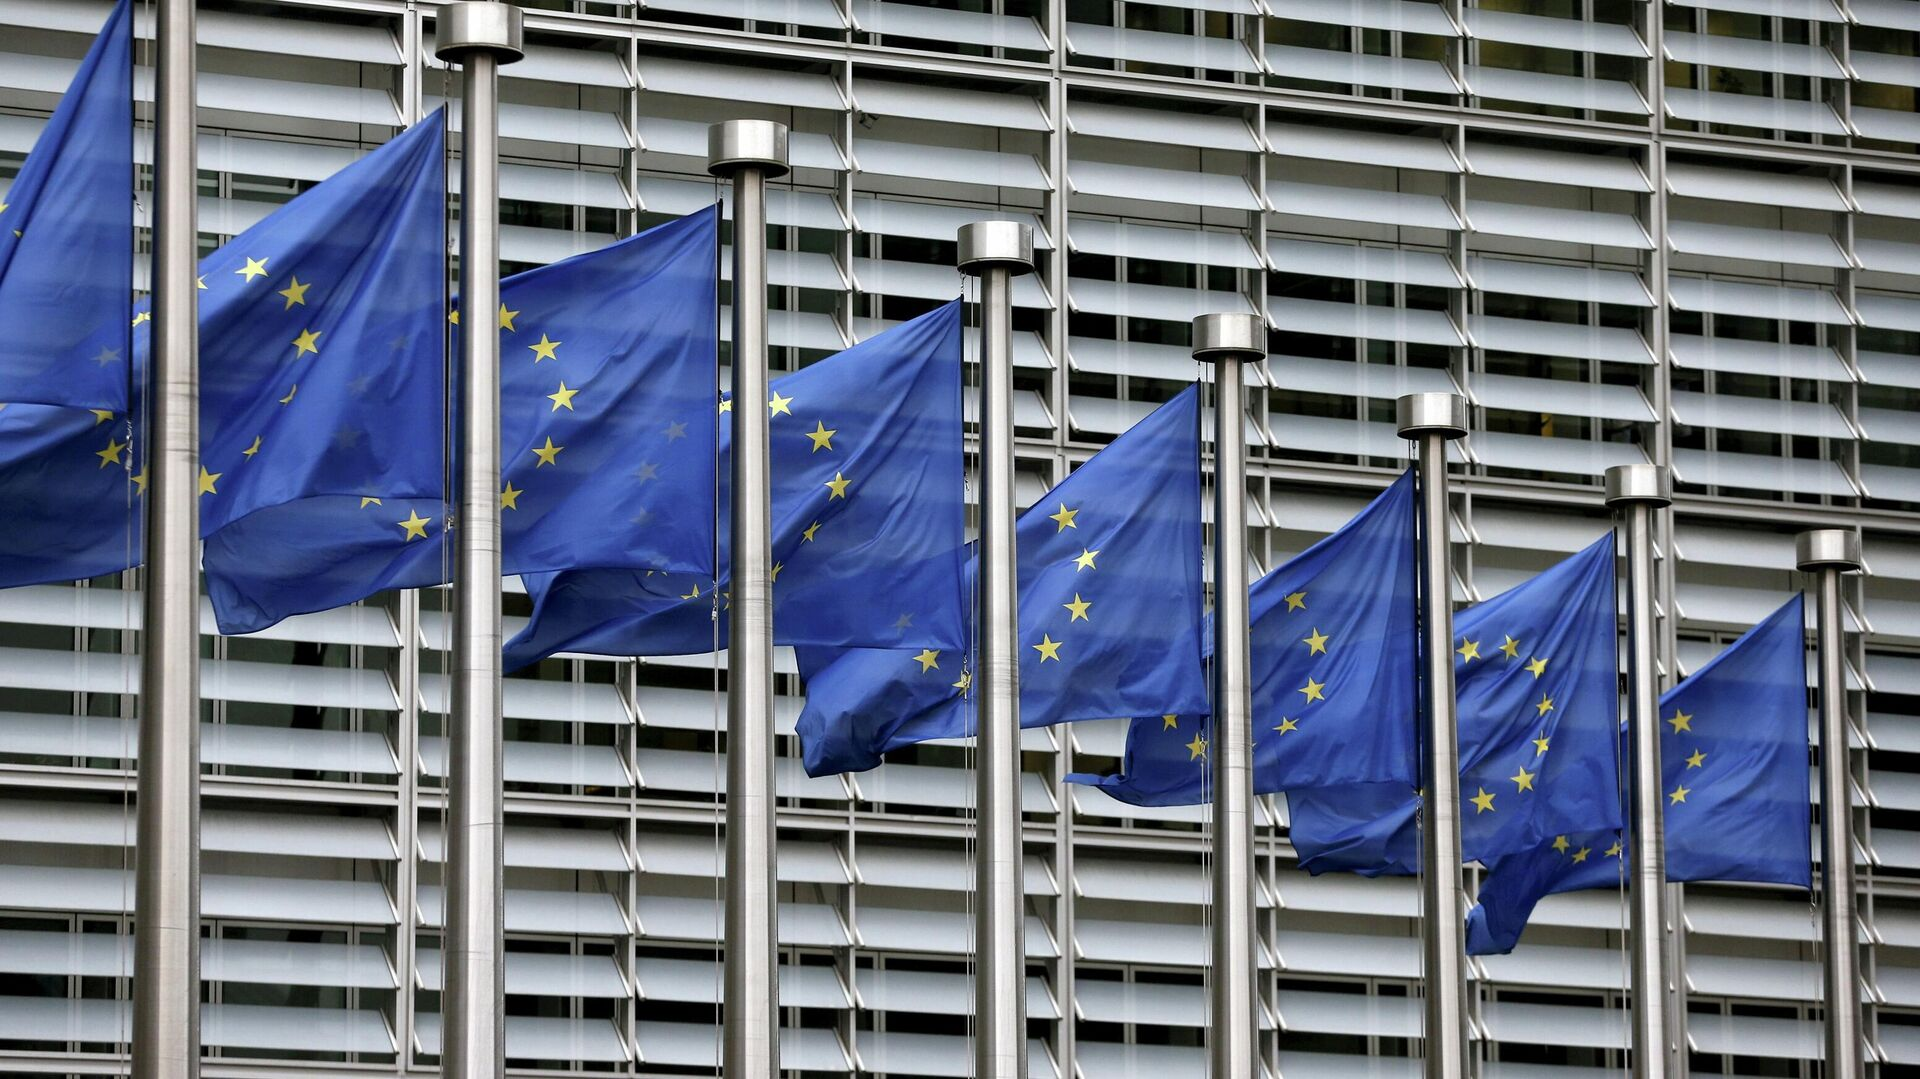 Bandera de la UE - Sputnik Mundo, 1920, 26.02.2021